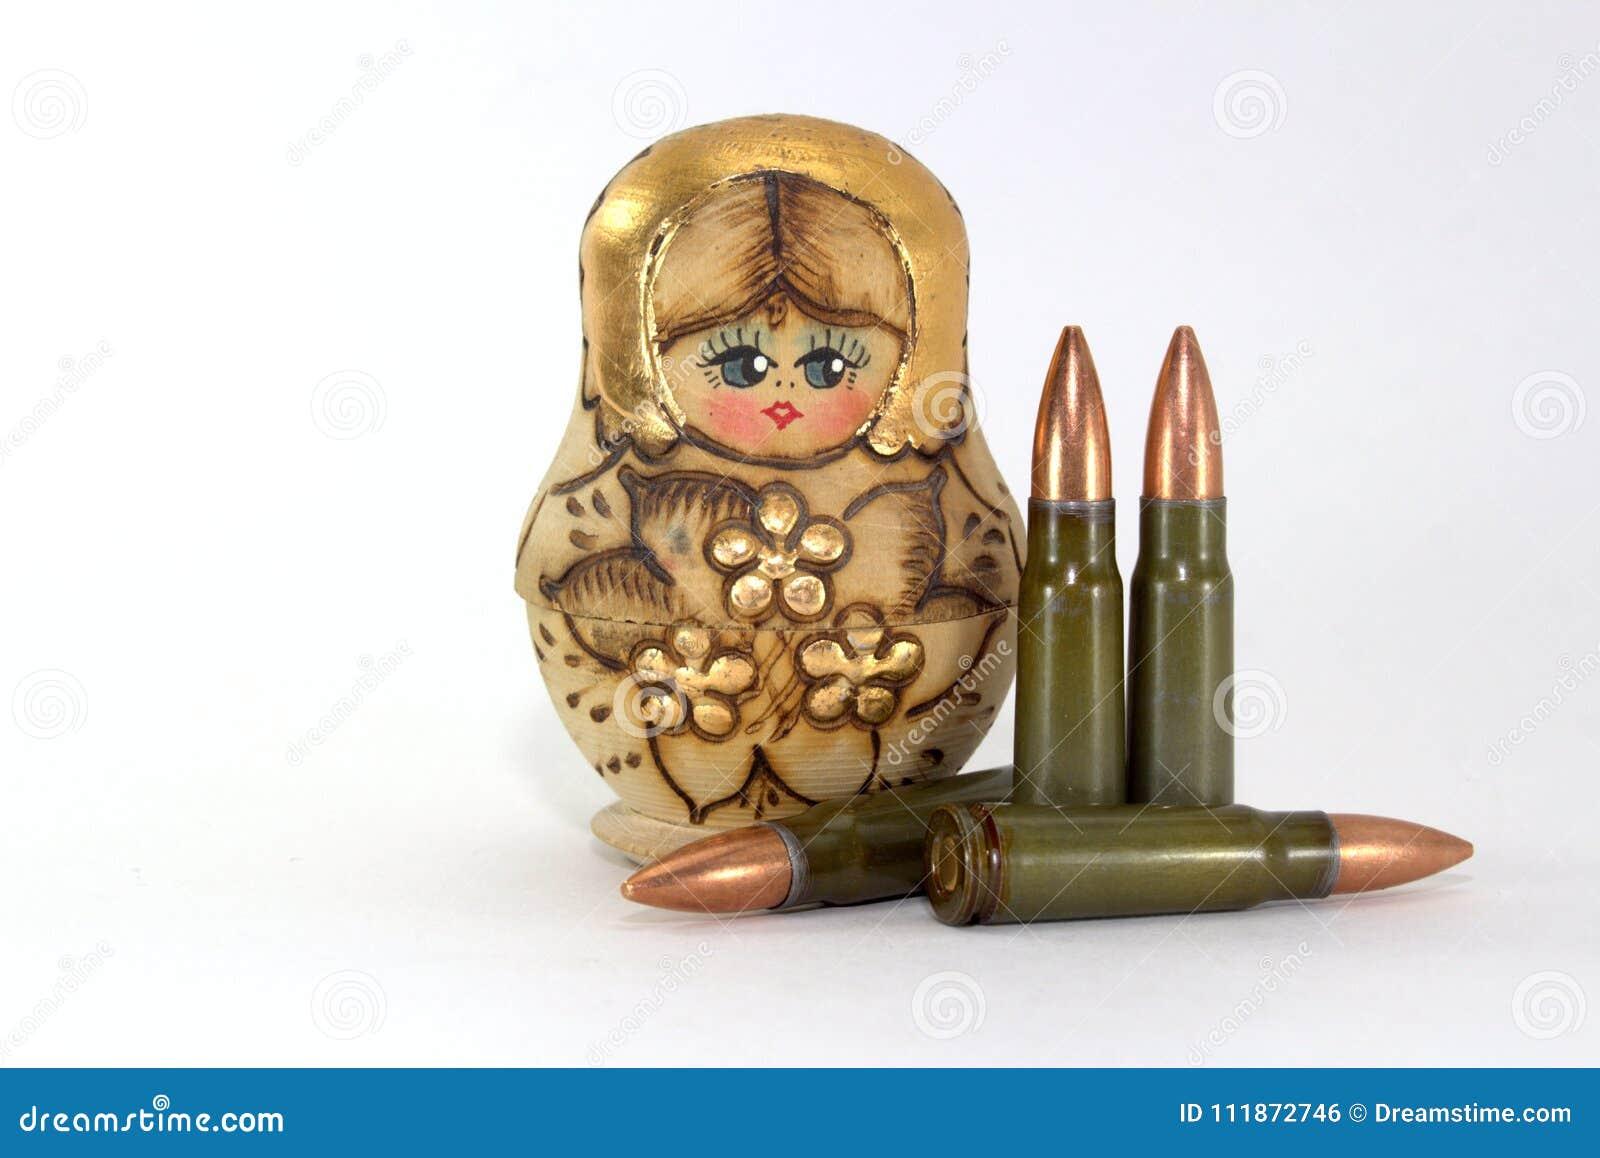 Russische matryoshka en verscheidene patronen voor de geweren van de Kalashnikovaanval